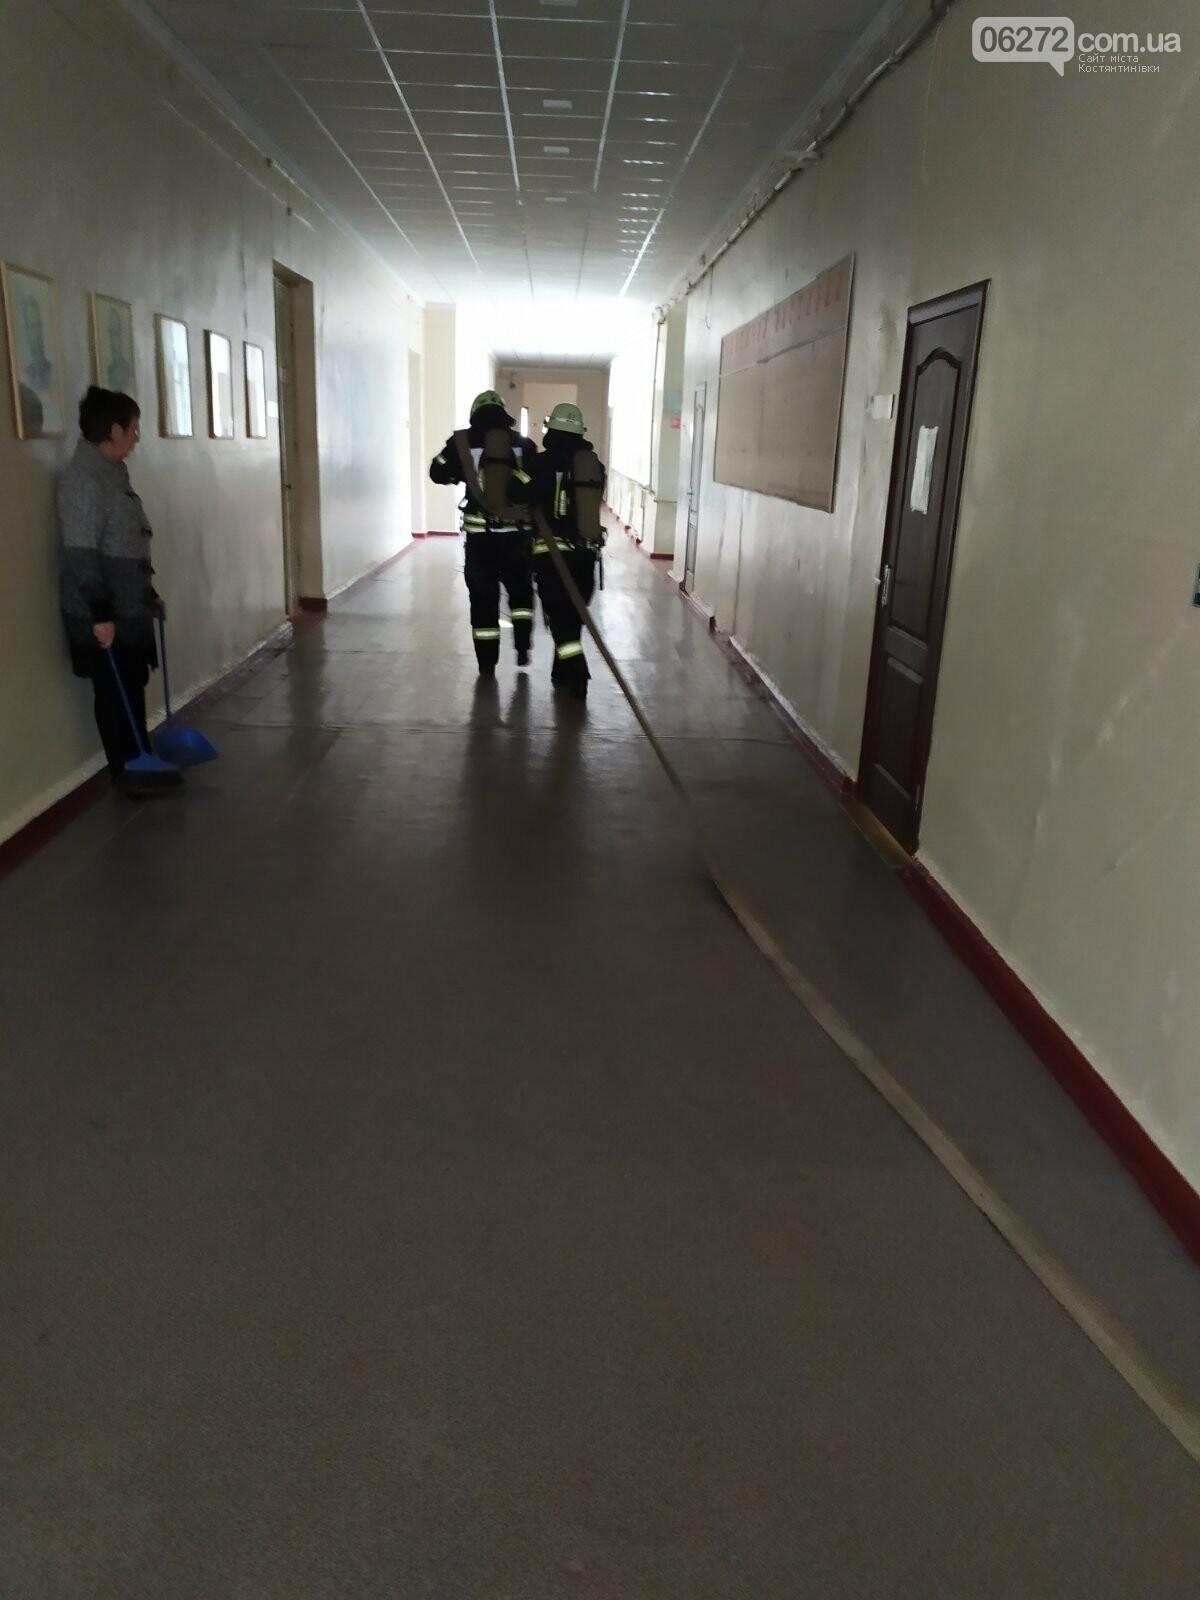 Рятувальники Костянтинівки провели навчання на території медичного коледжу, фото-3